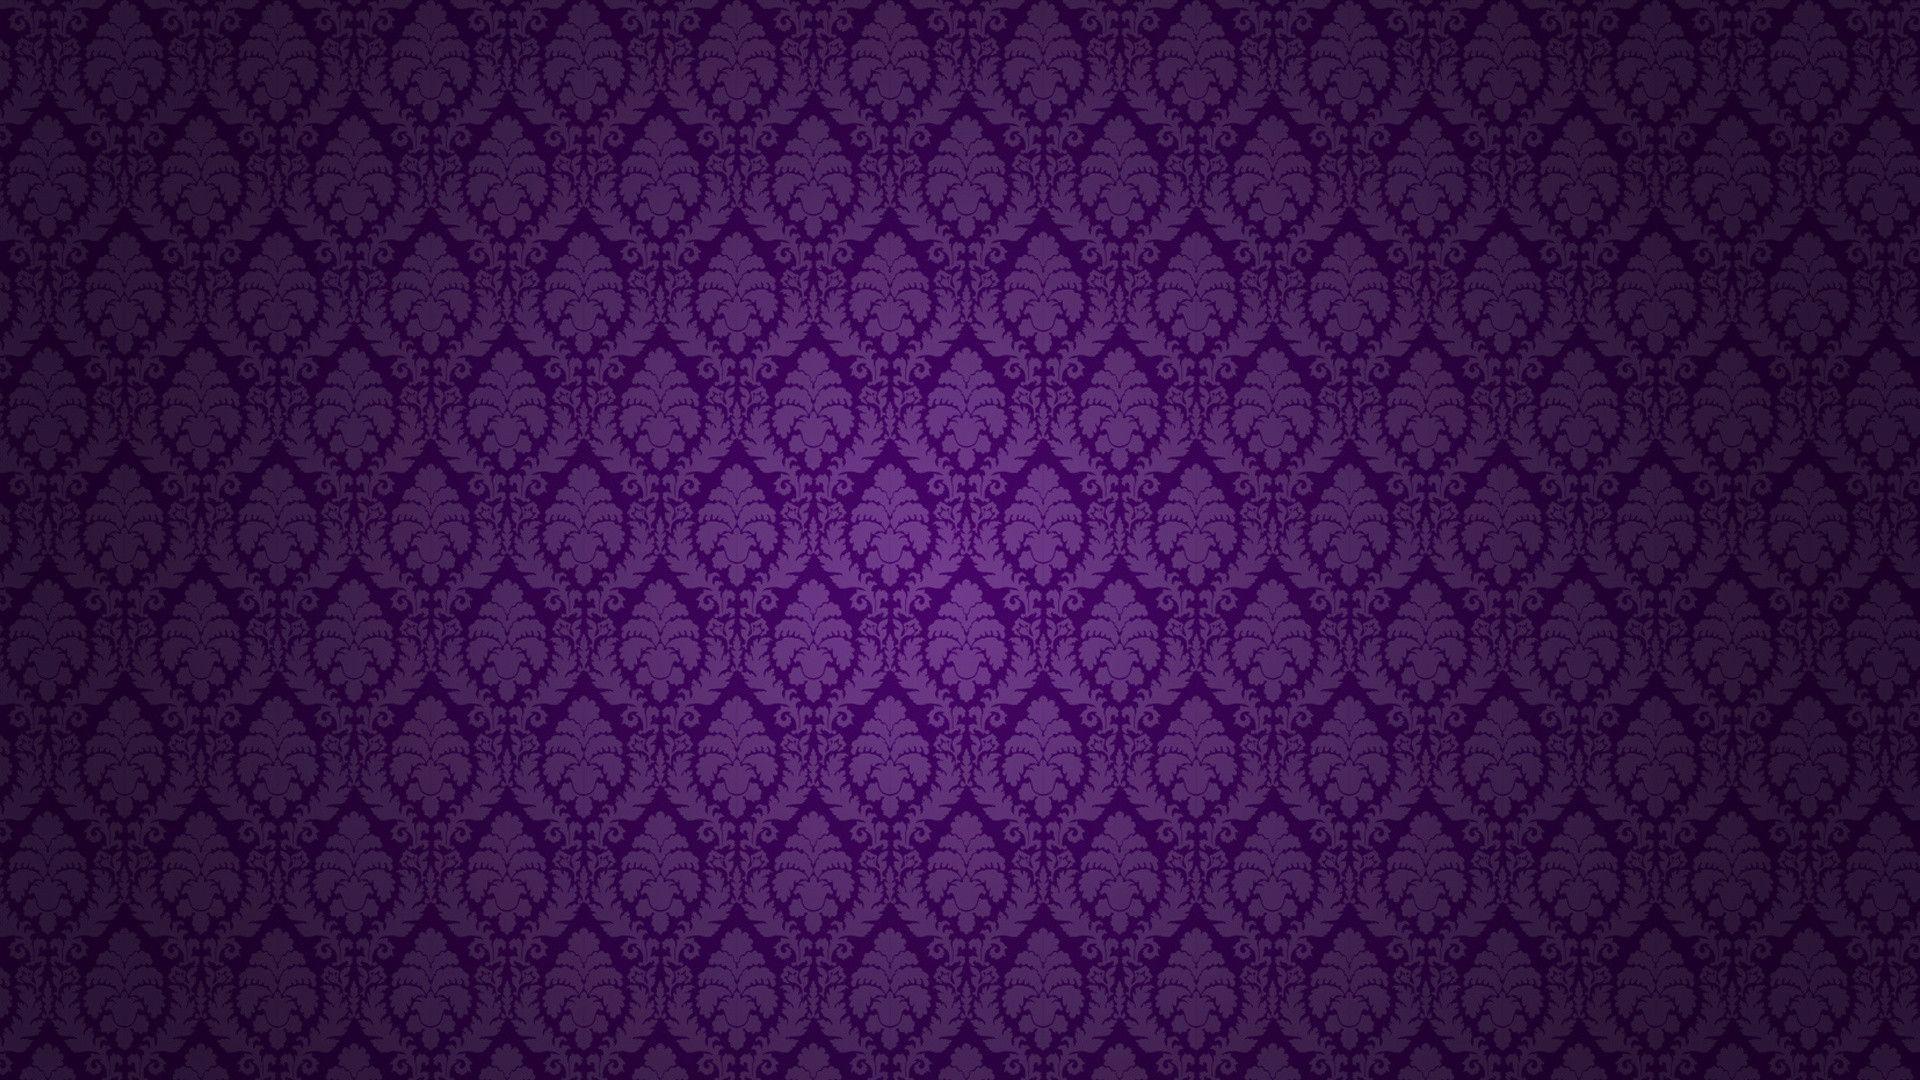 1920x1080 Royal Purple hình nền